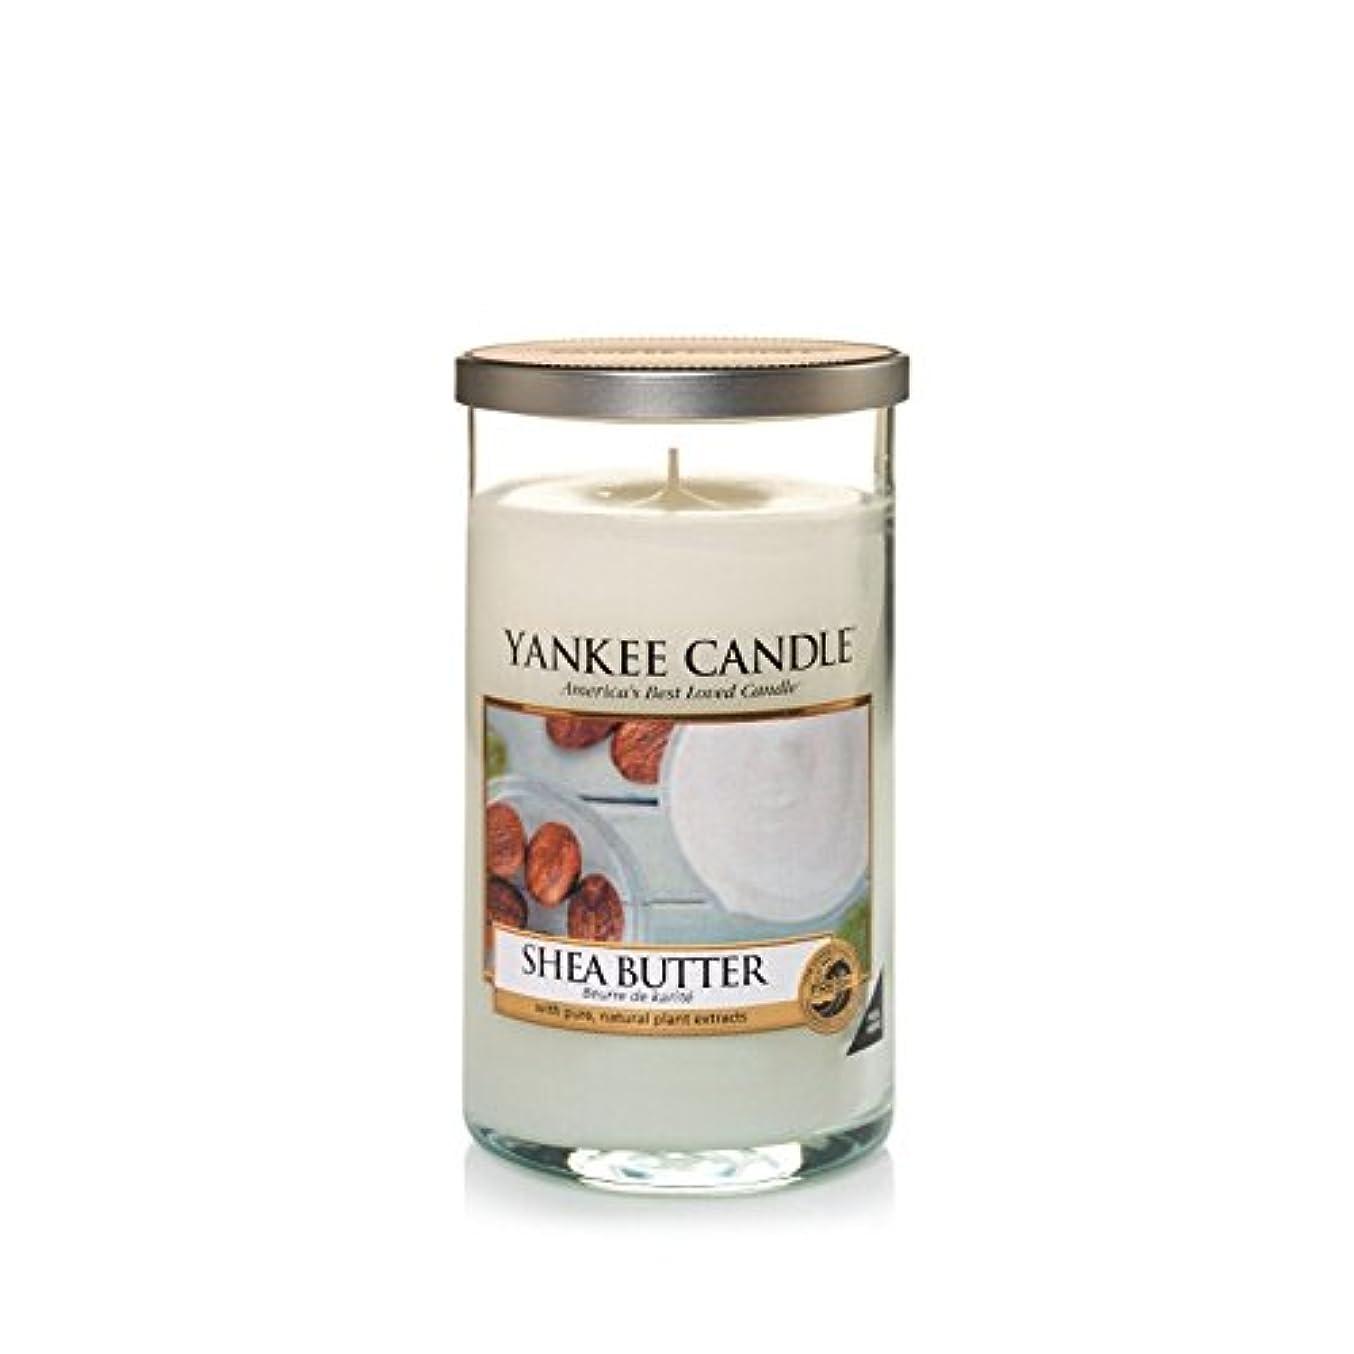 効率経済的とげのあるヤンキーキャンドルメディアピラーキャンドル - シアバター - Yankee Candles Medium Pillar Candle - Shea Butter (Yankee Candles) [並行輸入品]